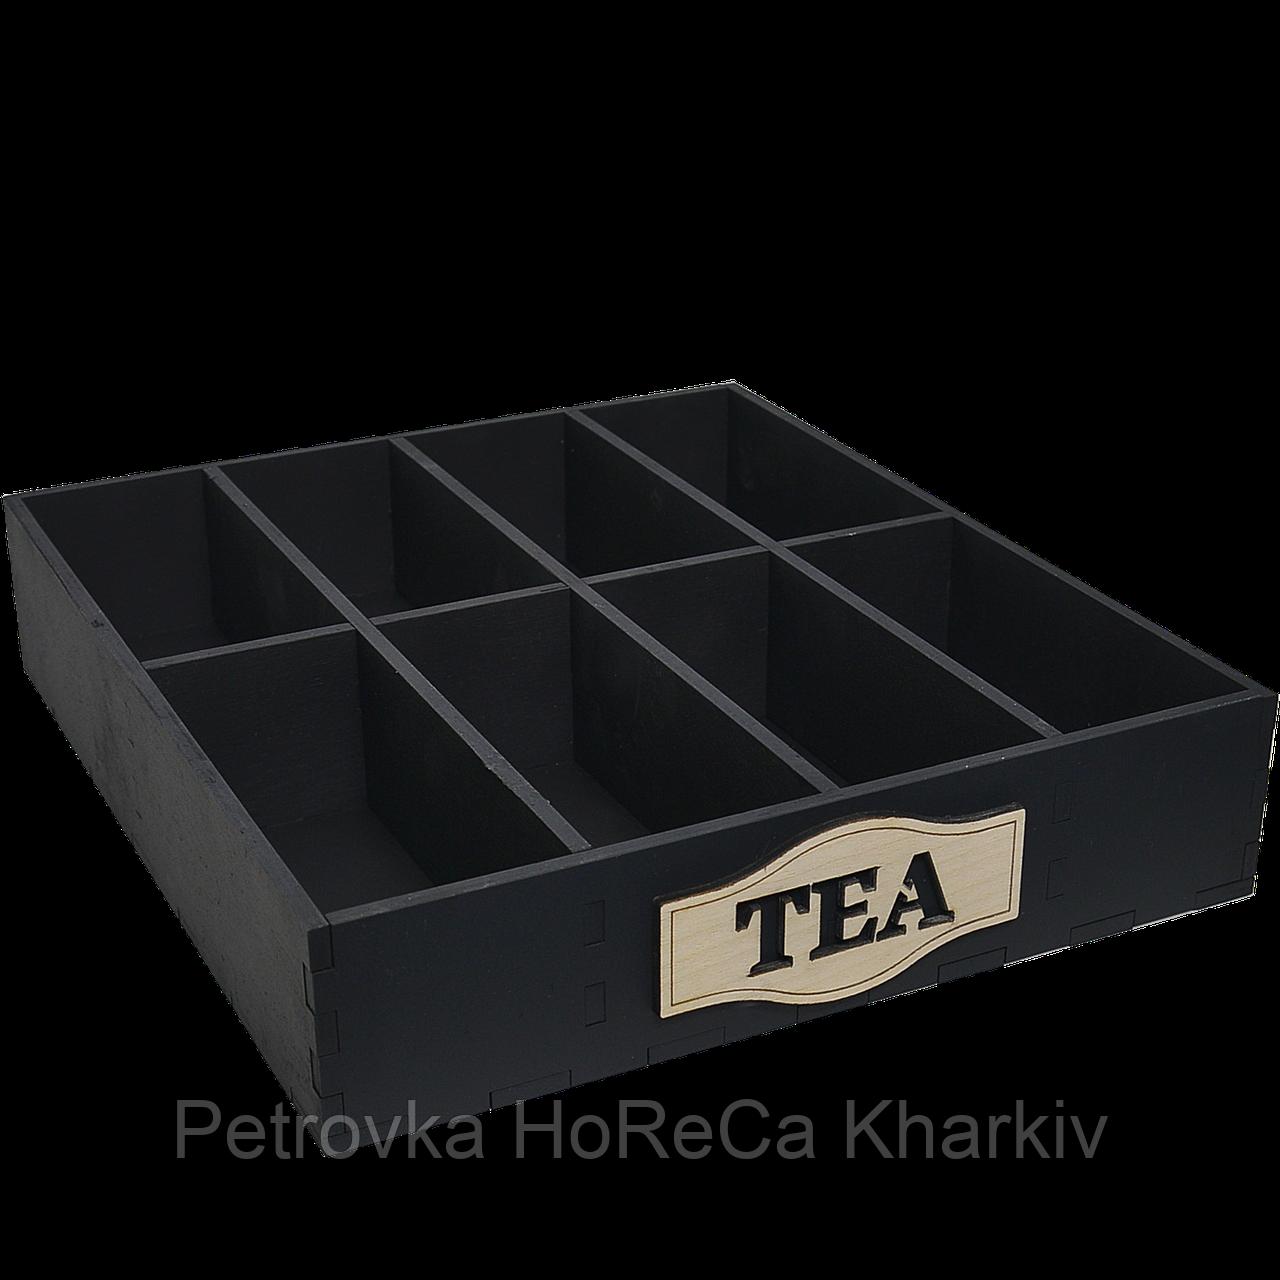 Органайзер для чая (дерево) 35*31см